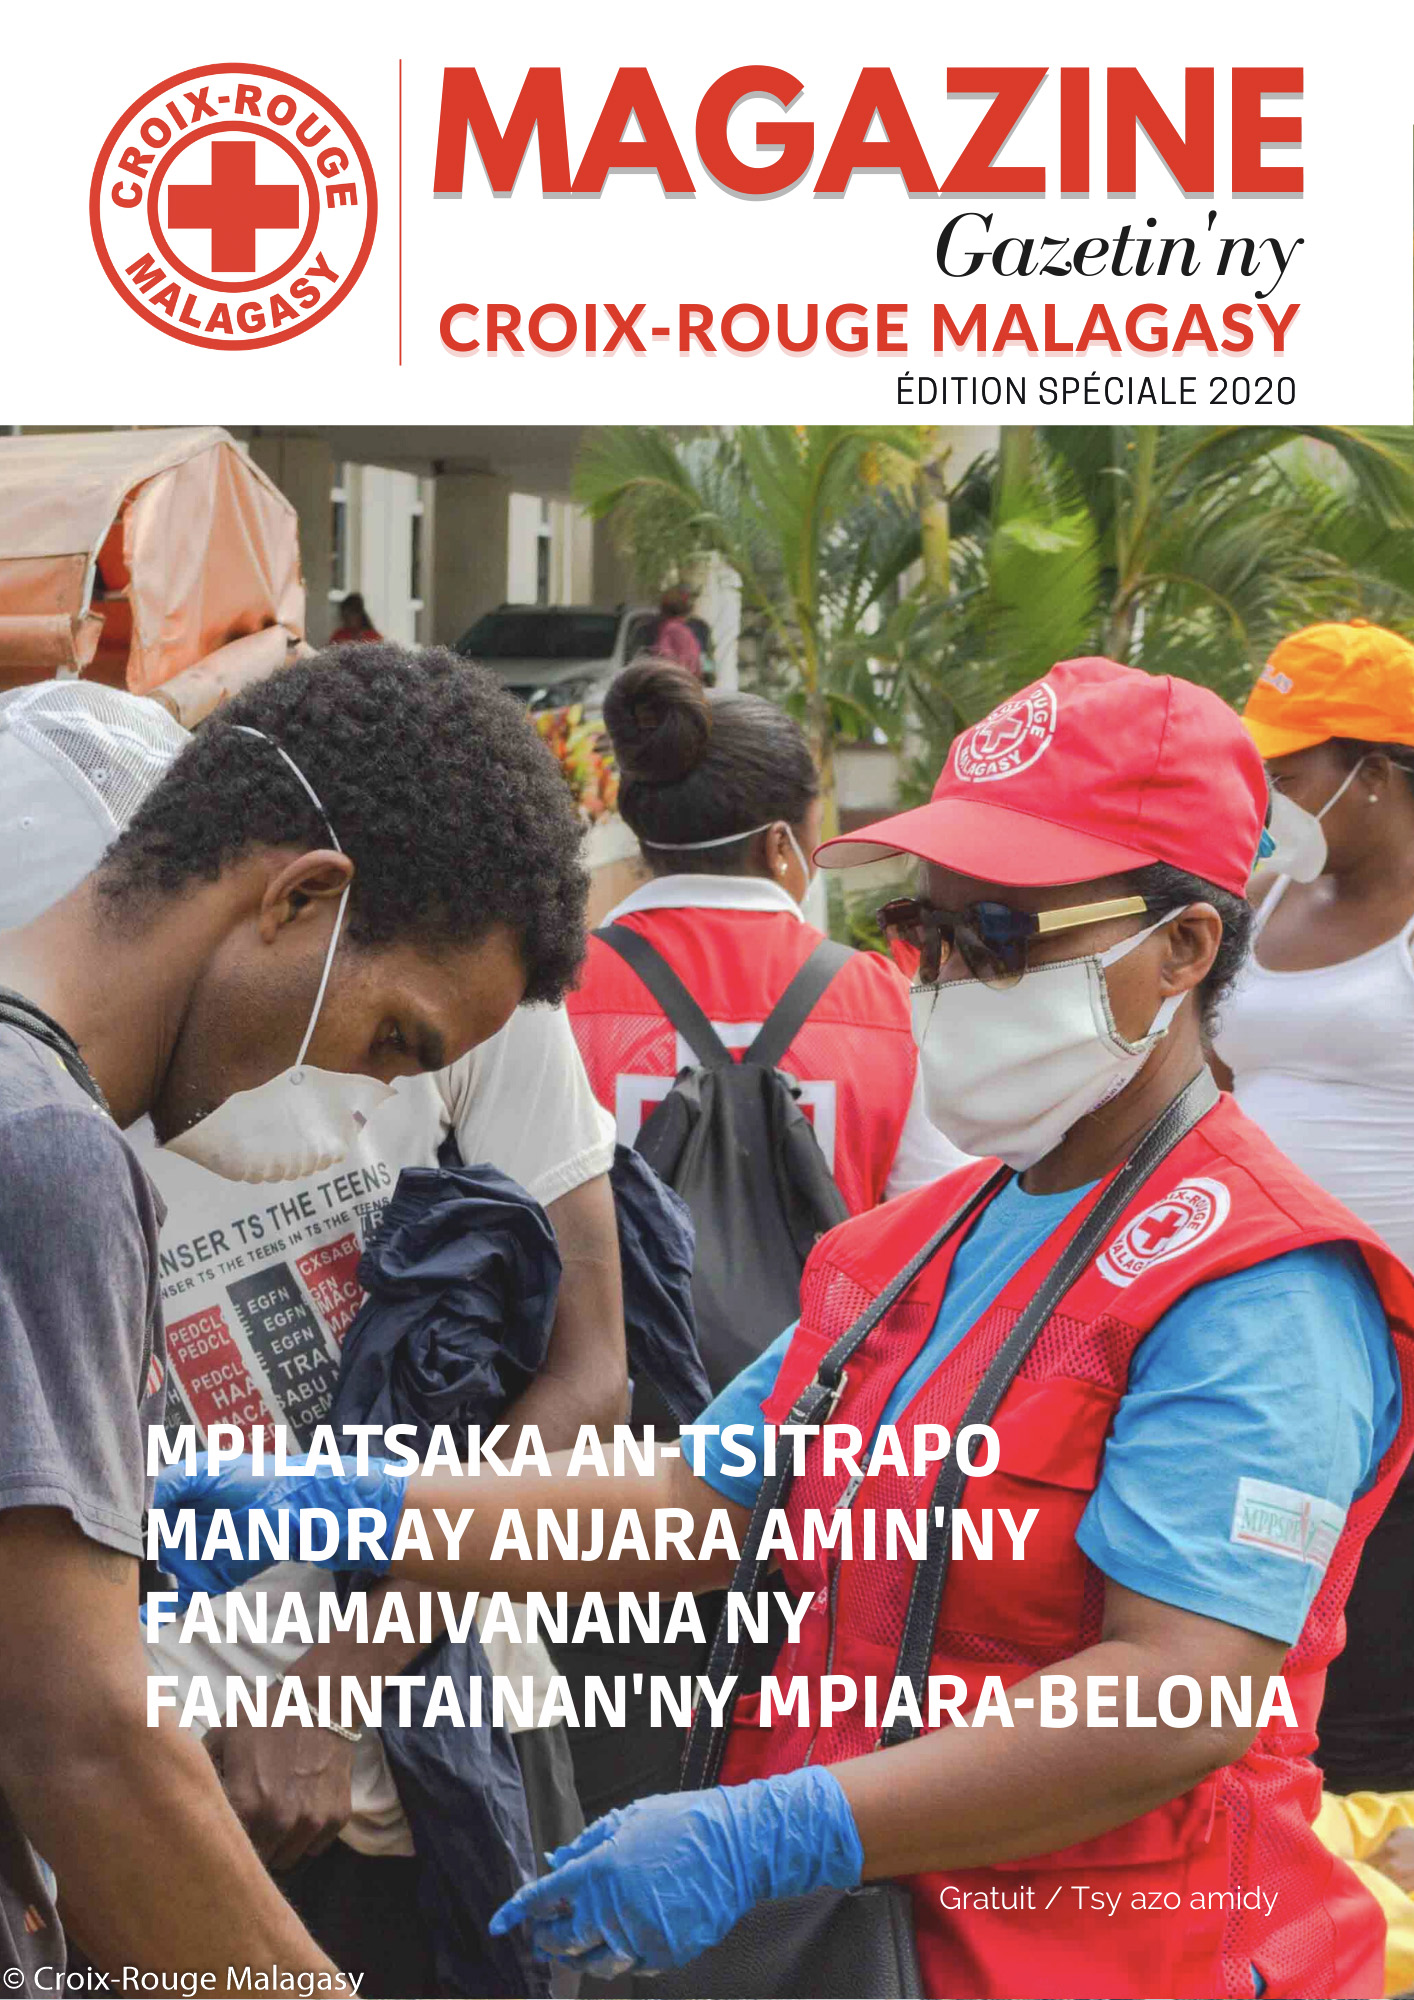 Magazine Croix-Rouge Malagasy 2020